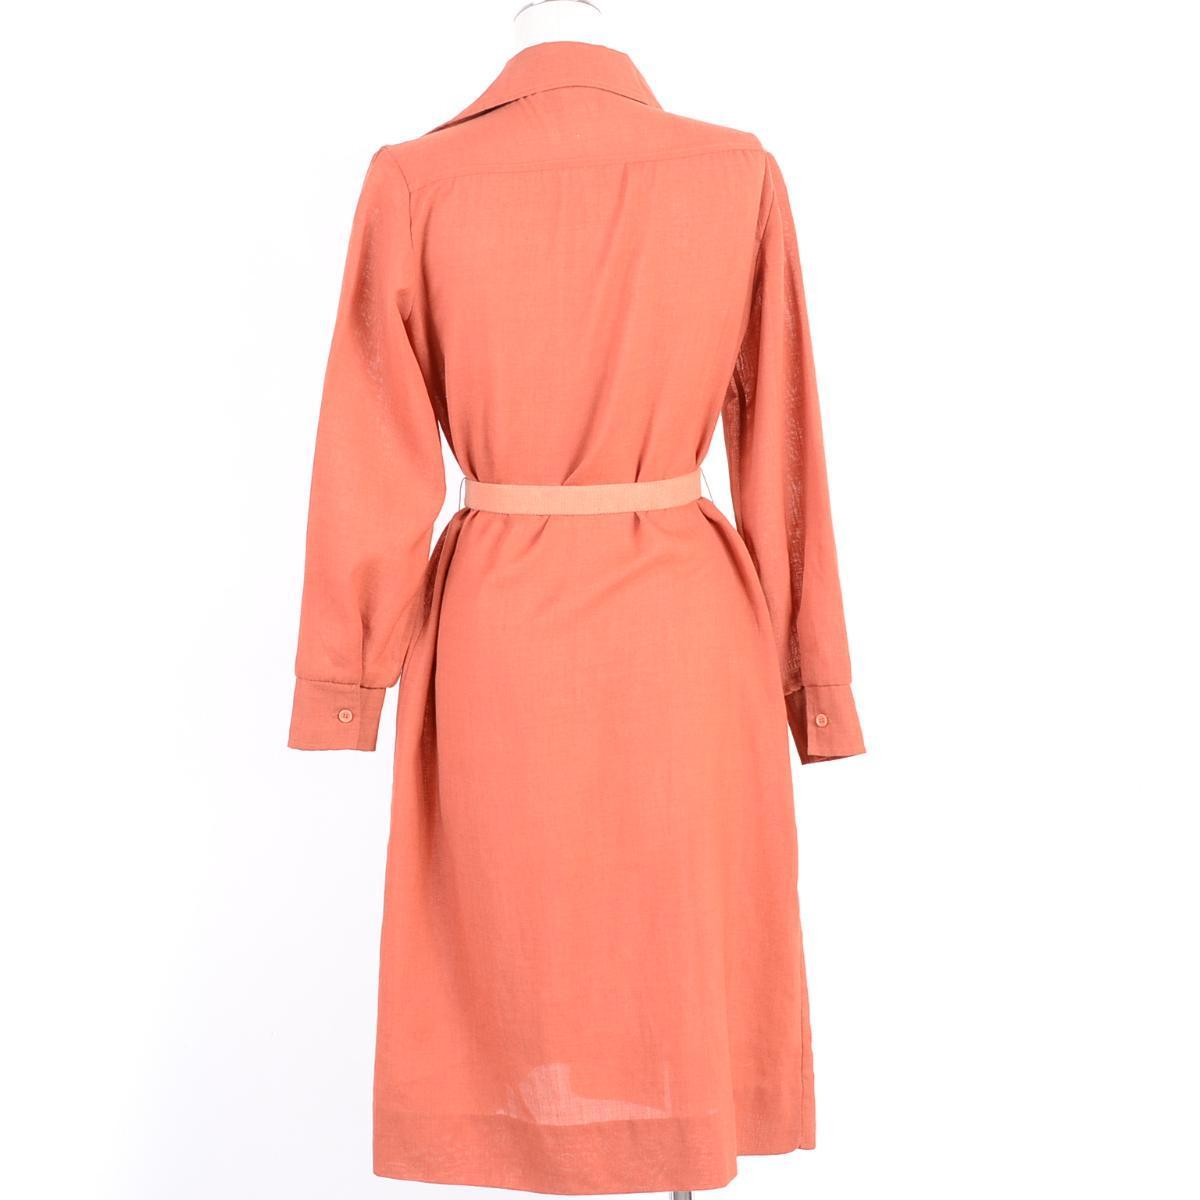 有开放的彩色腰身皮带的细皱褶长袖子衬衫连衣裙女士M~L kenny classics/wen4448 160304